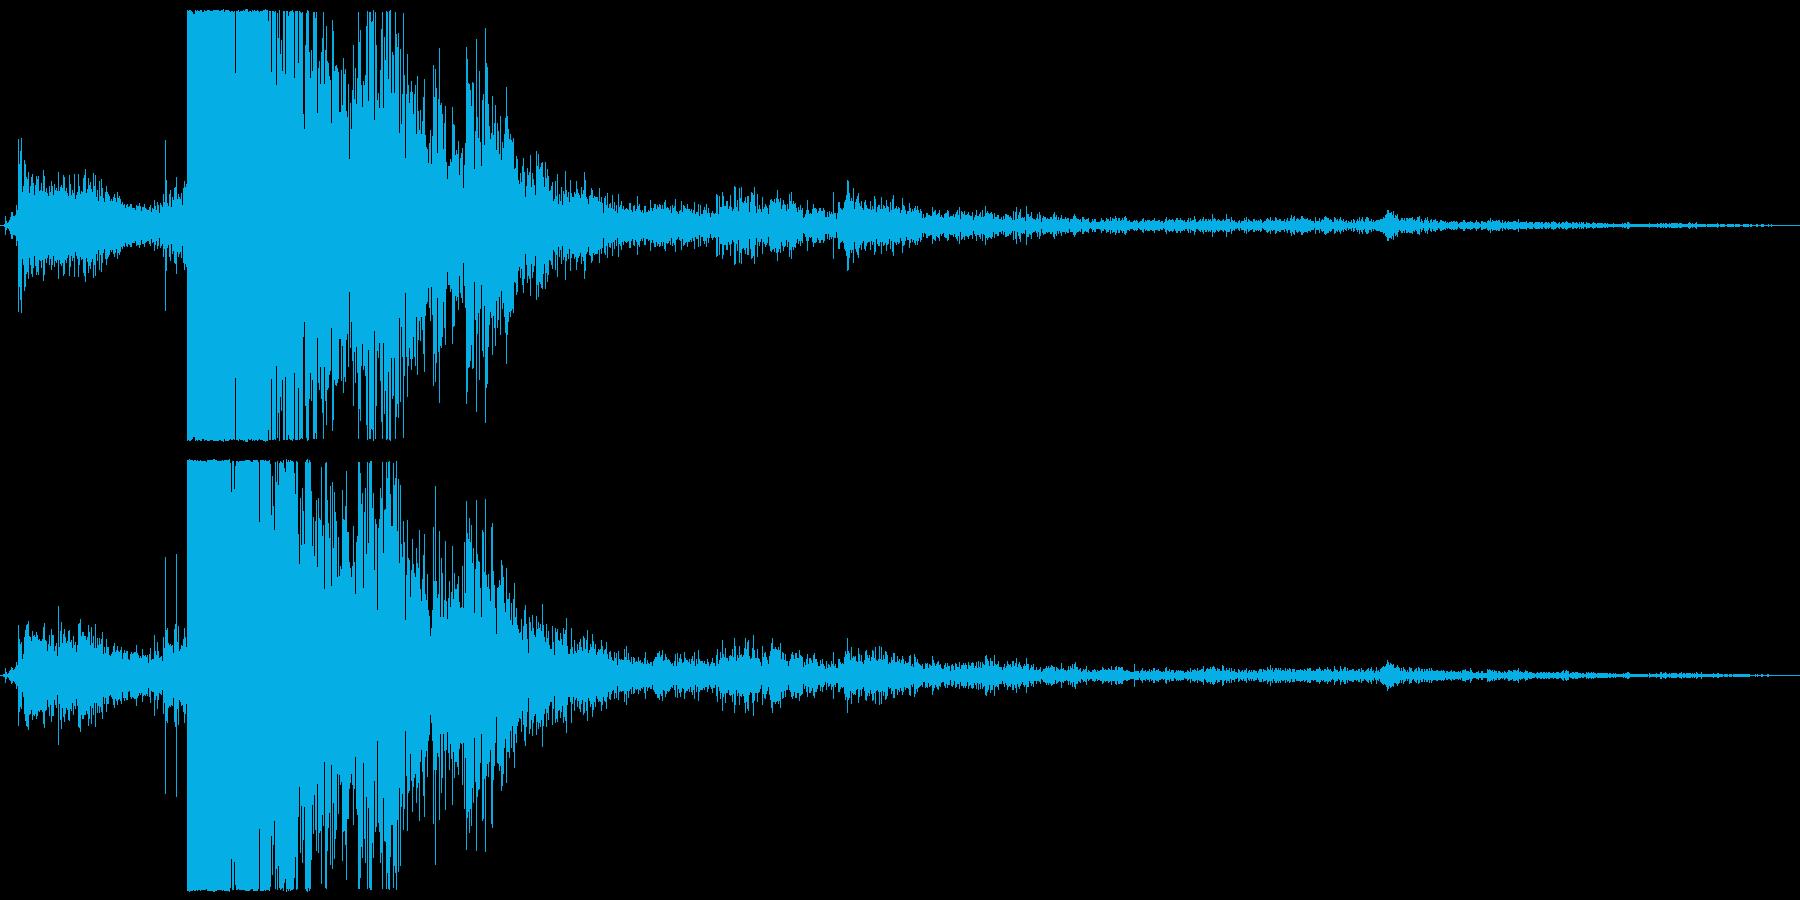 シュッドーーーーーン(雷・1発)の再生済みの波形